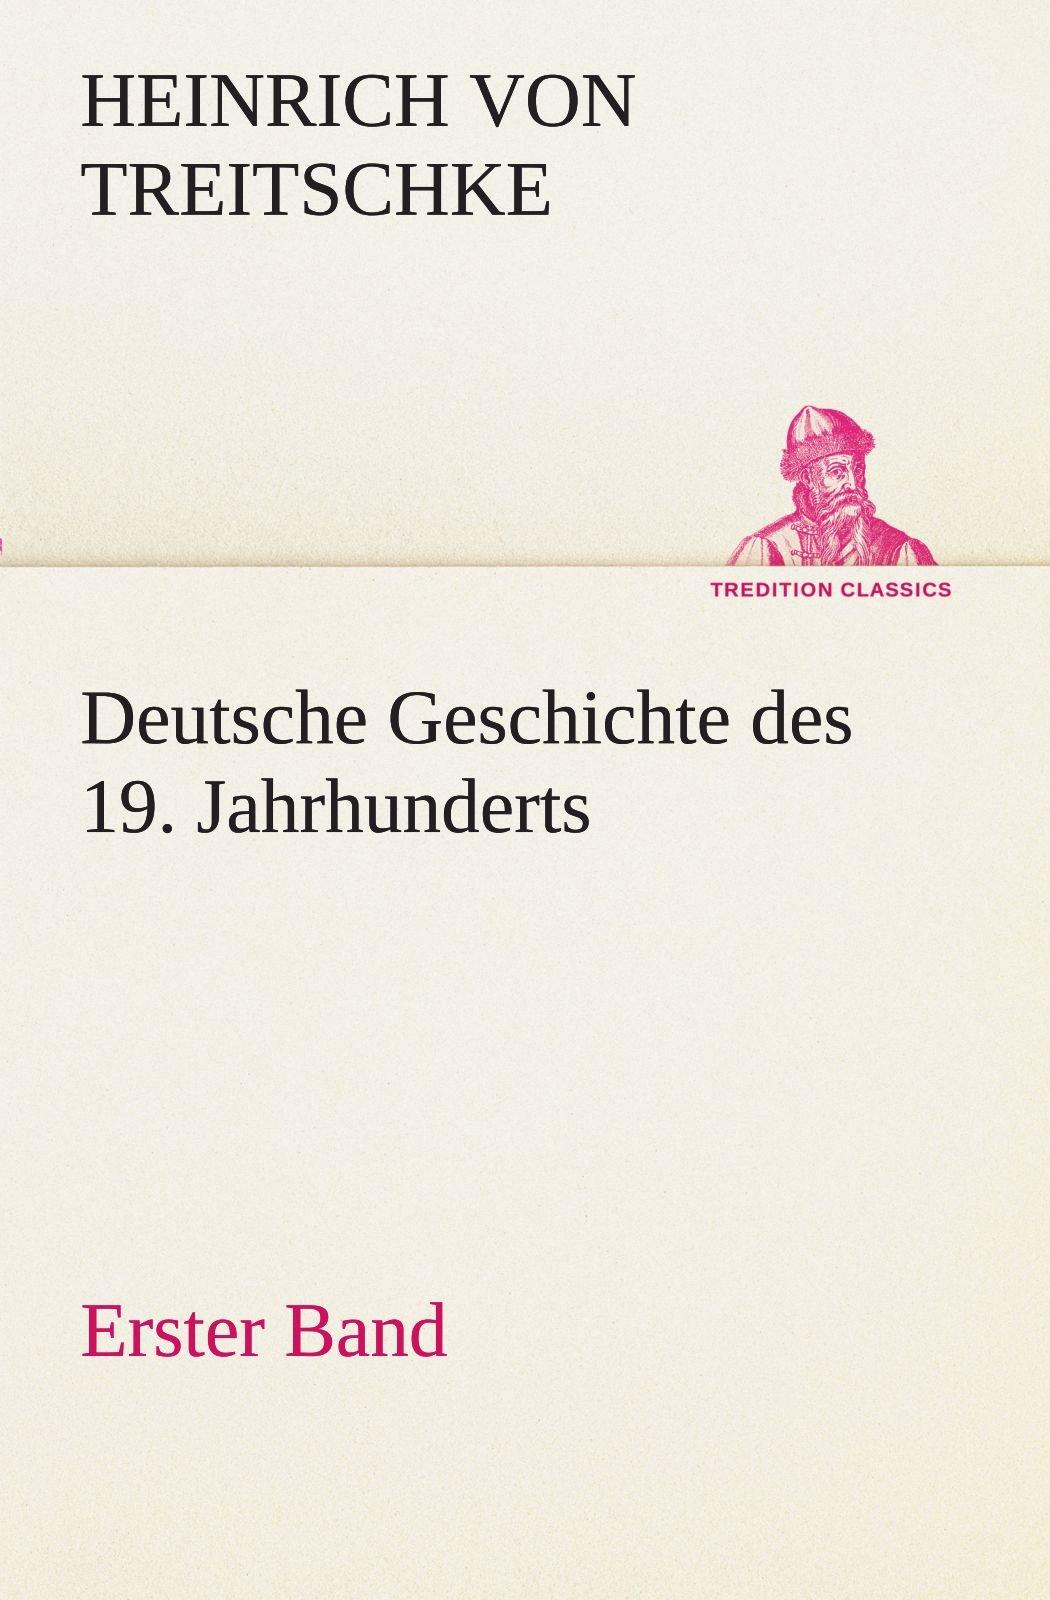 Deutsche Geschichte des 19. Jahrhunderts - Erster Band (TREDITION CLASSICS)